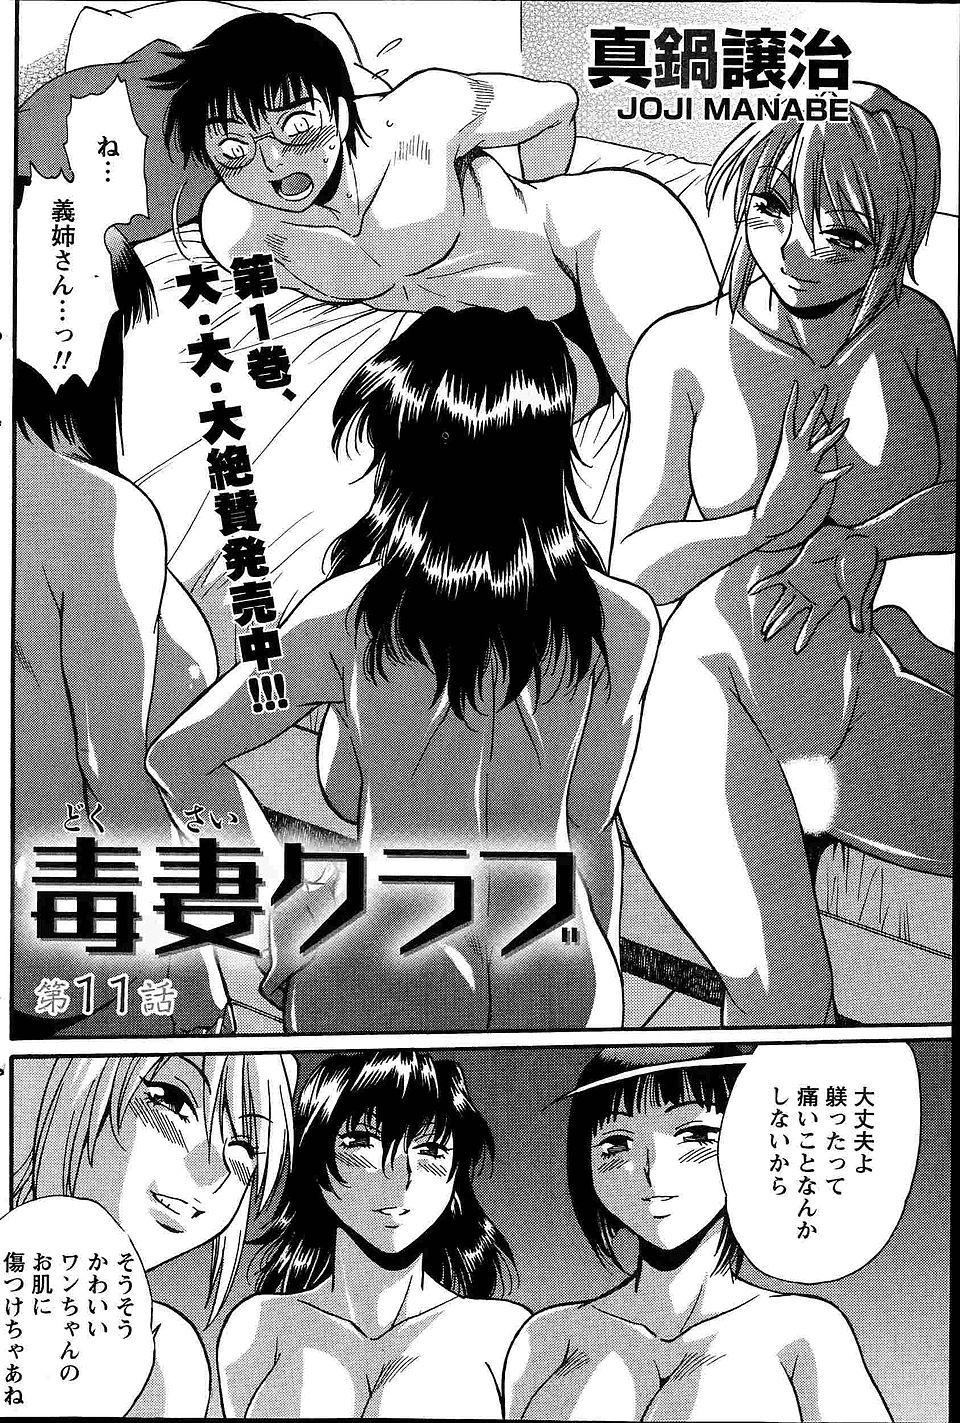 【エロ漫画】人妻のマンコをごりごりに犯して弄んでいた童貞男子が逆に奥様方に拘束されて4Pで肉棒奴隷になる♪【無料 エロ同人】